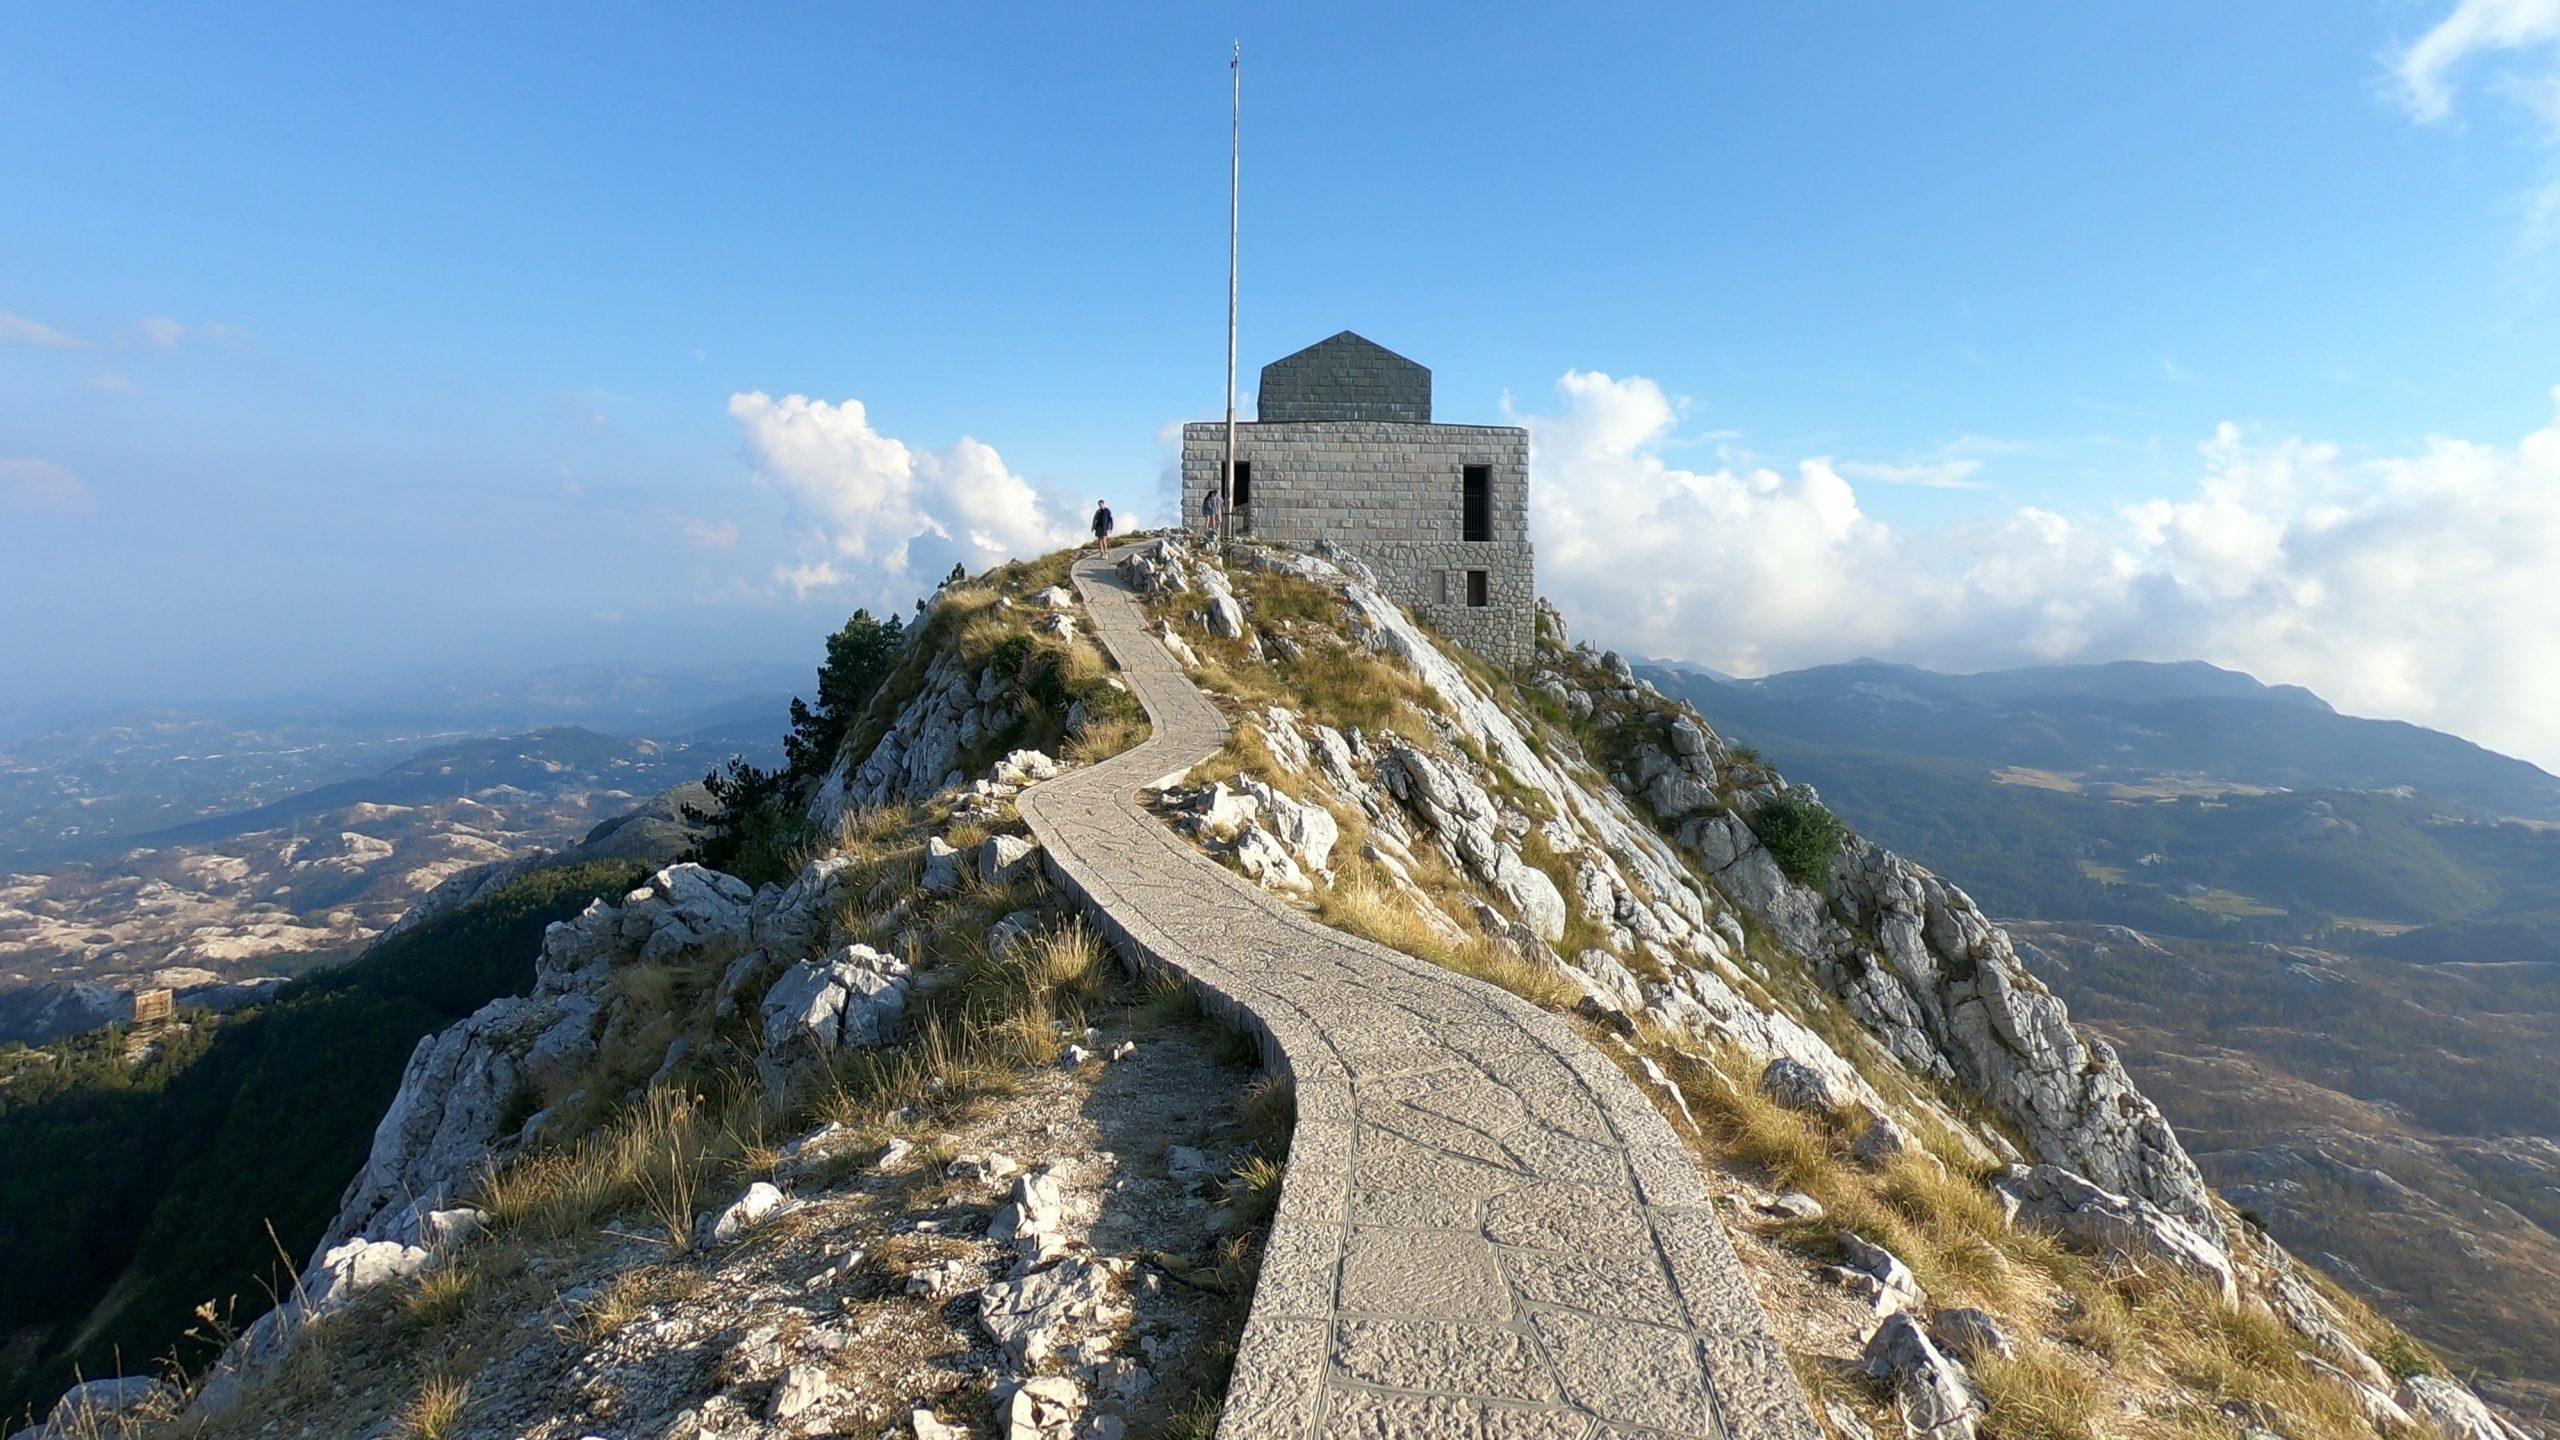 národní park Lovcen v Černé Hoře